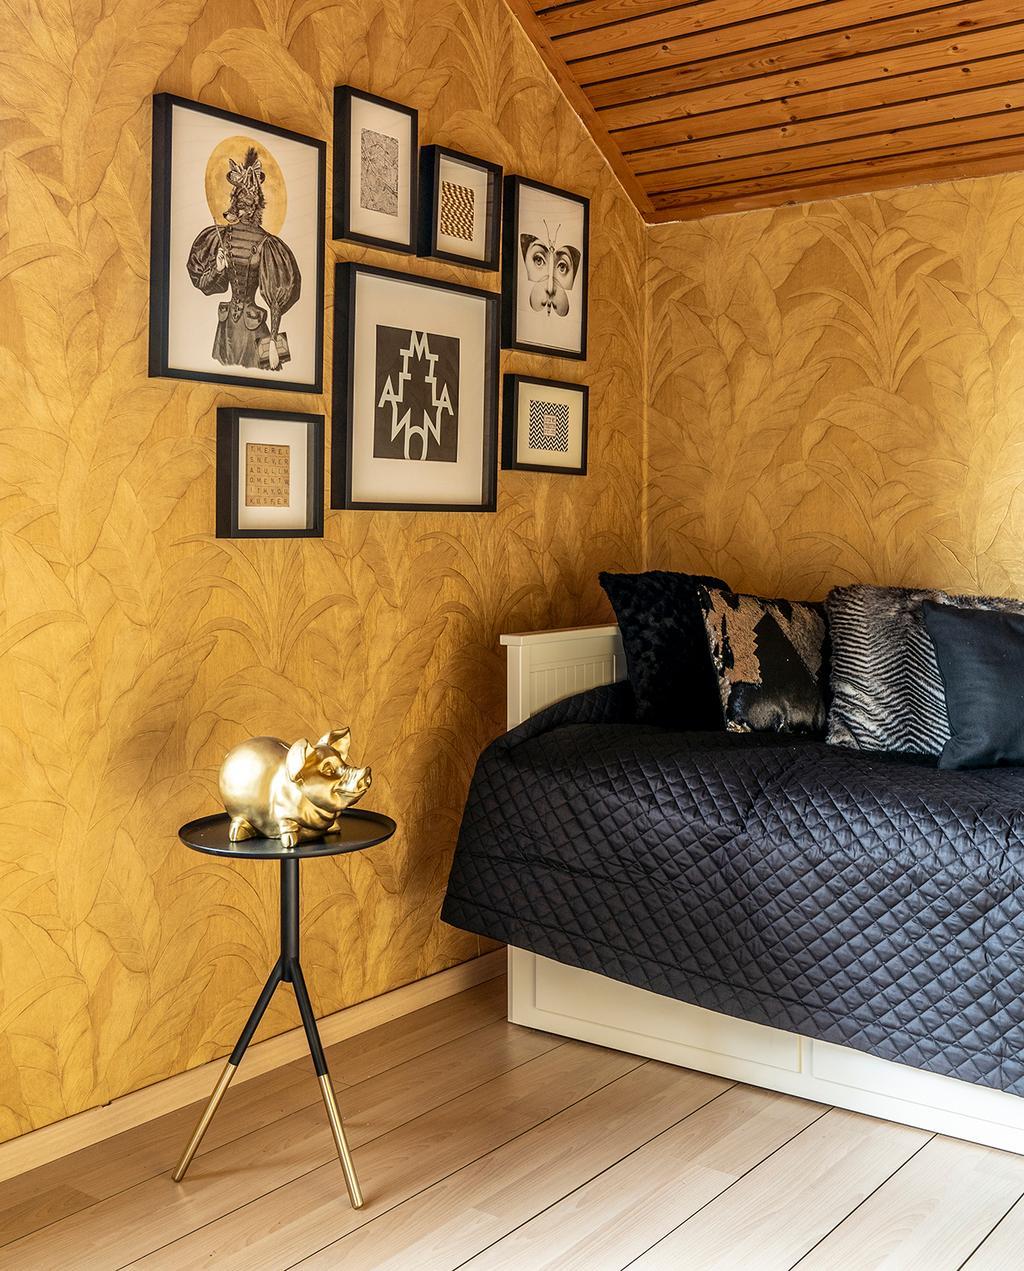 vtwonen 04-2020 | logeerkamer met goud behang en goede accessoires Mierlo